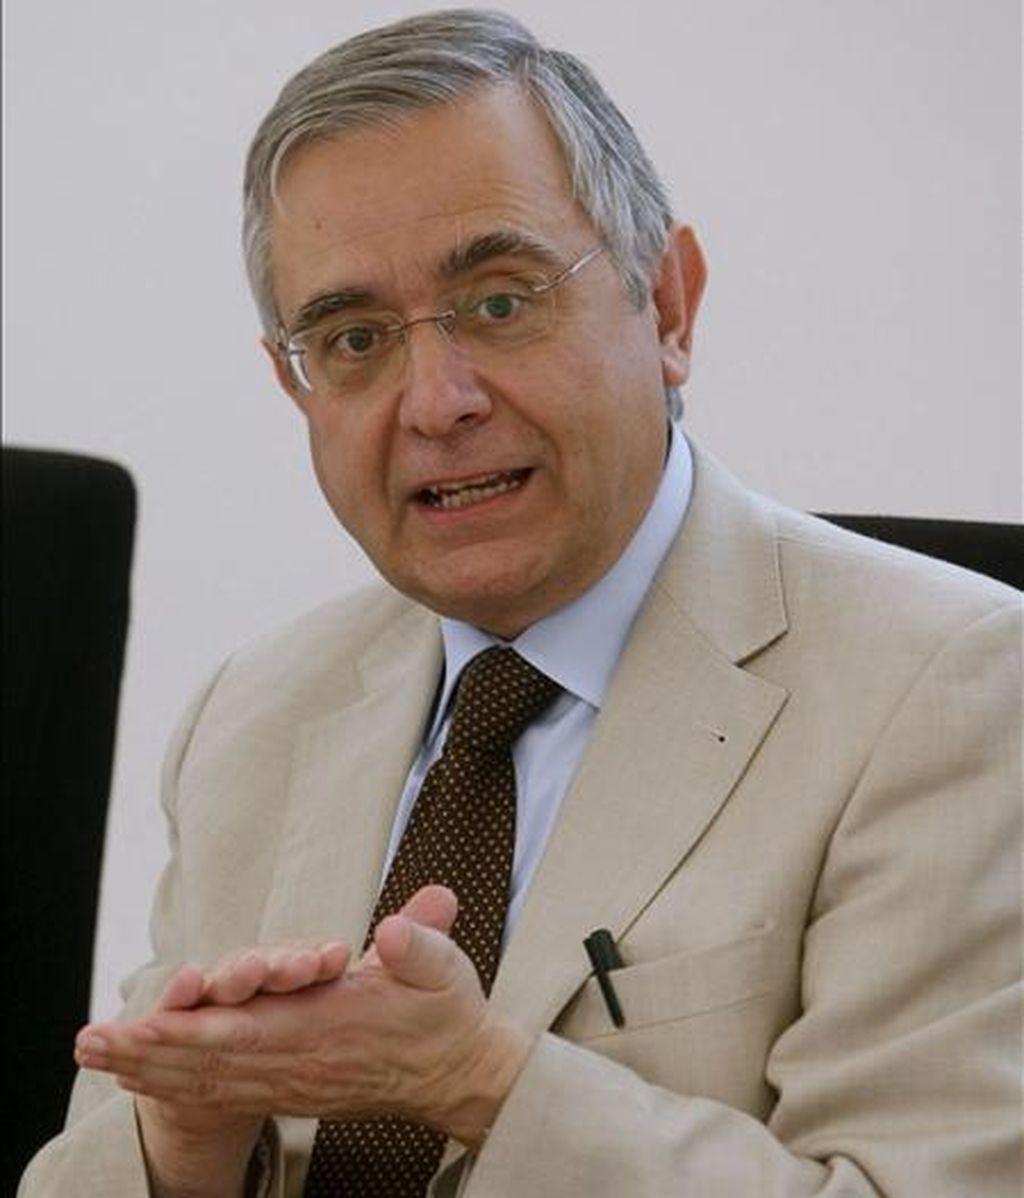 El portavoz de la Agencia Estatal de Meteorología (Aemet), Ángel Rivera, durante la rueda de prensa que ofreció hoy en Madrid para informar sobre las predicciones para el verano. EFE